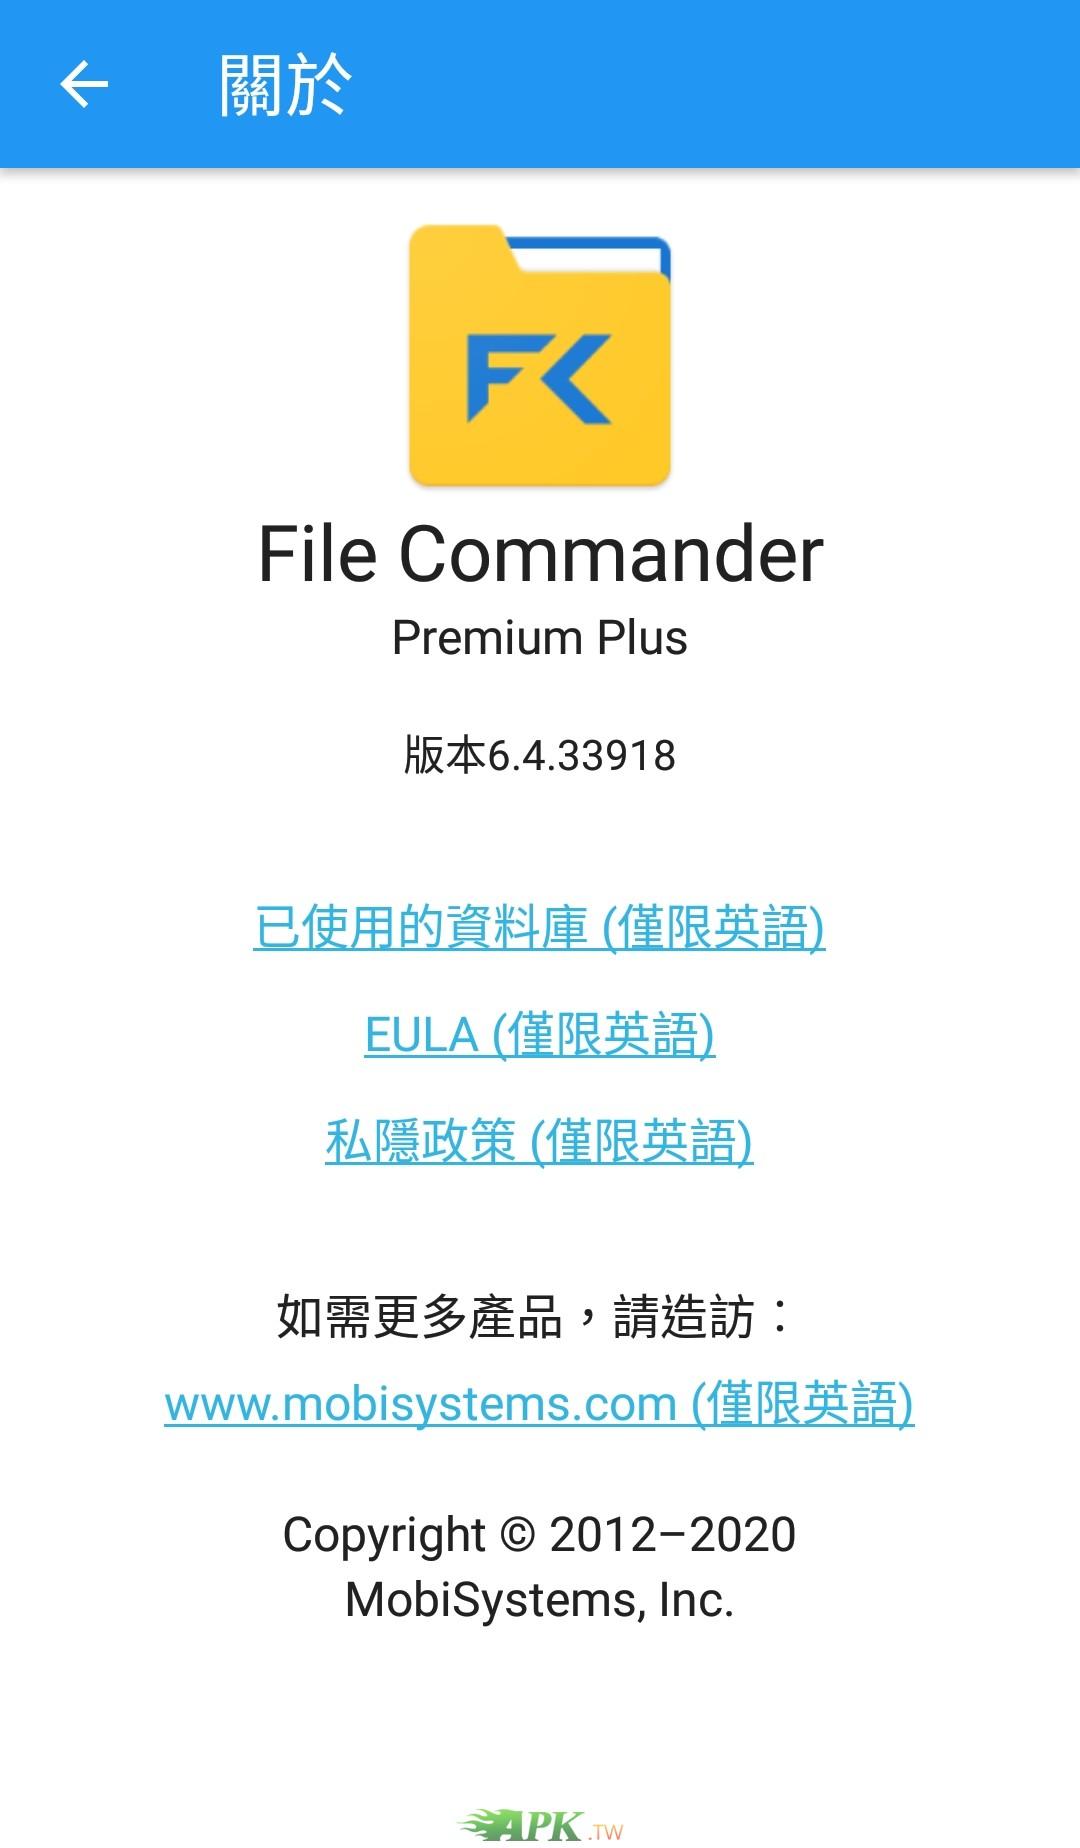 FileCommander_Pro__1_.jpg